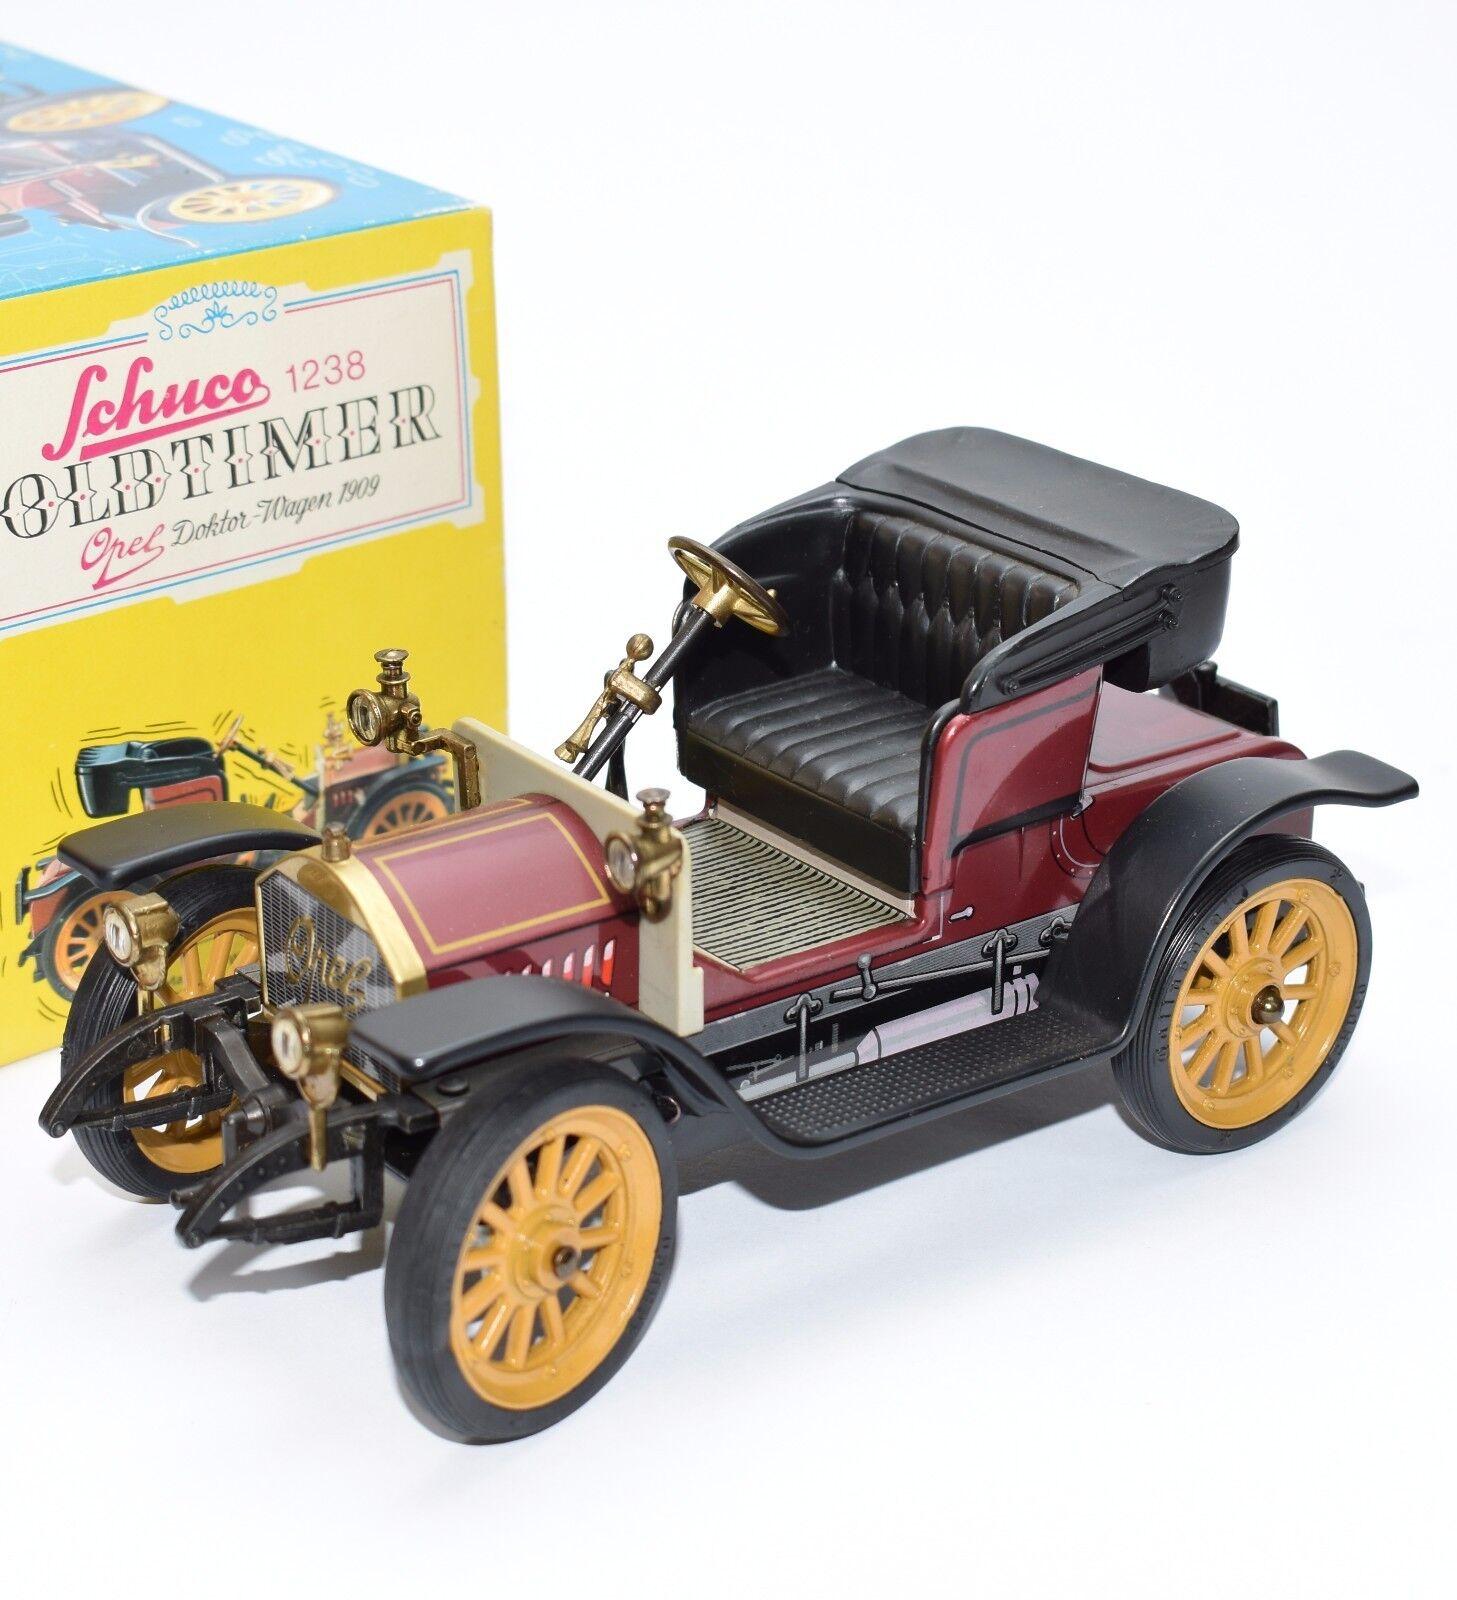 compras online de deportes SCHUCO SCHUCO SCHUCO RAR 1238 limitada coche replica lata vintage coche Opel consultorio en 1909, OVP B309  promociones